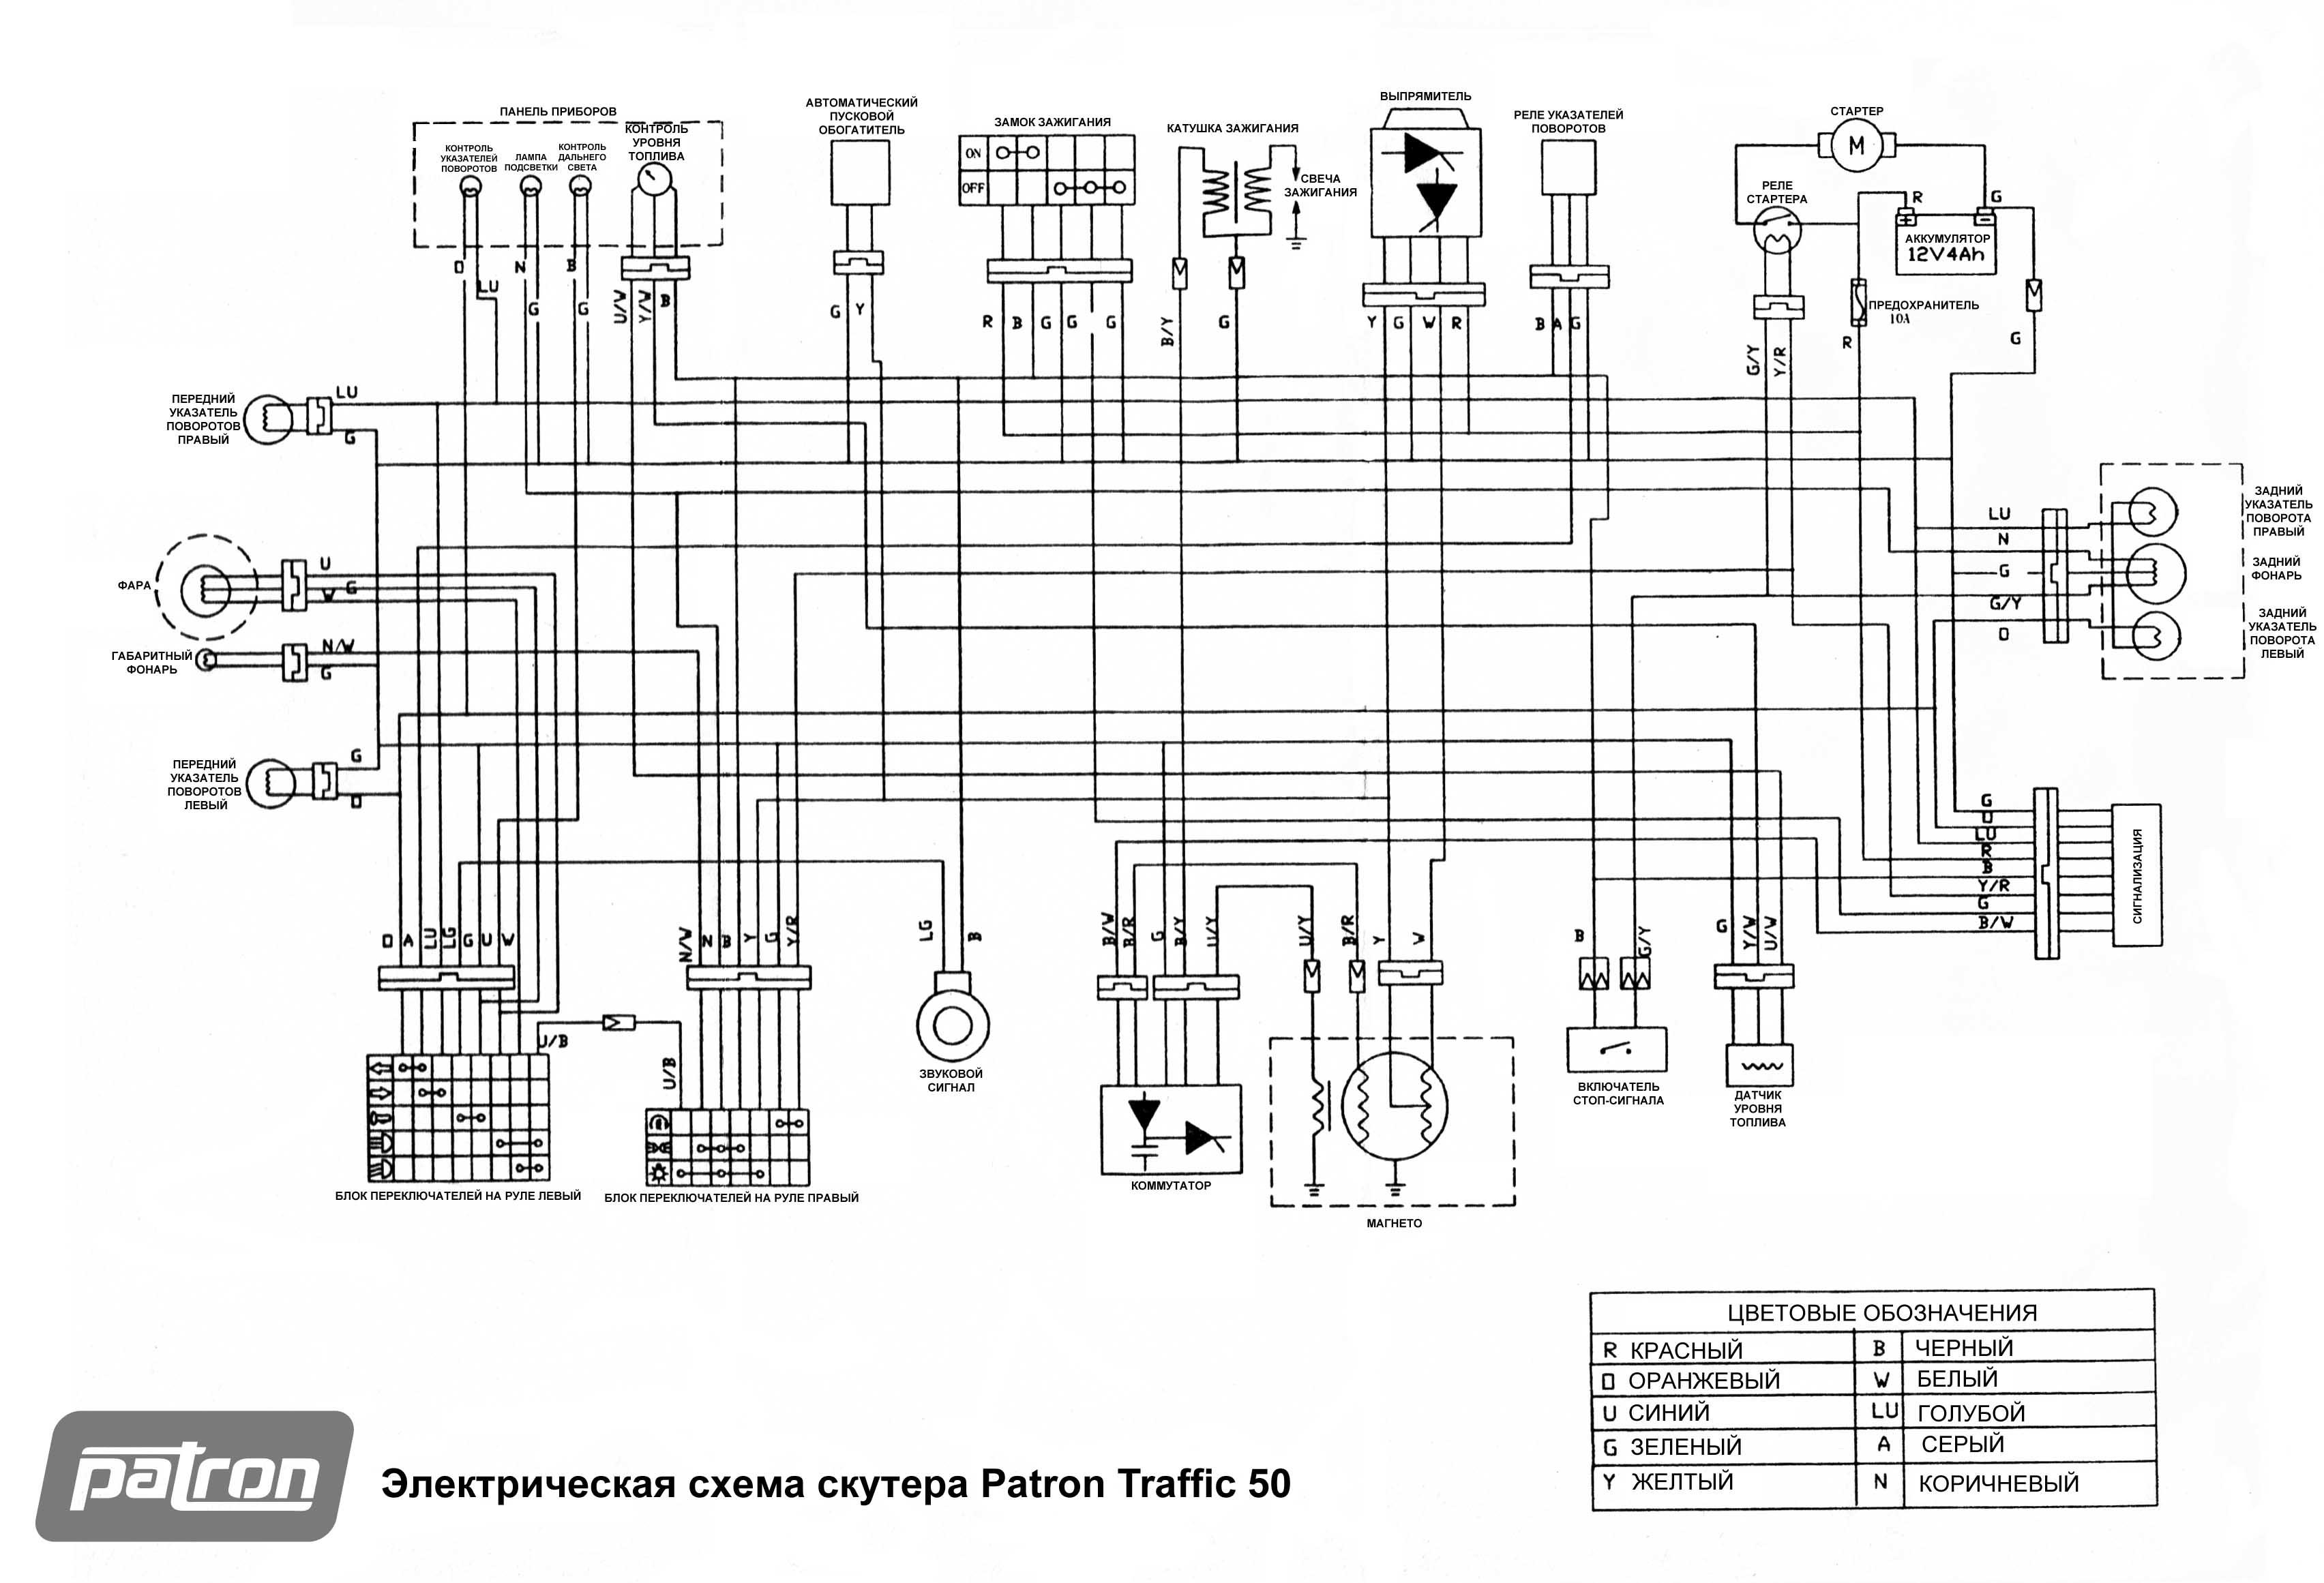 электрическая схема стелс 700н